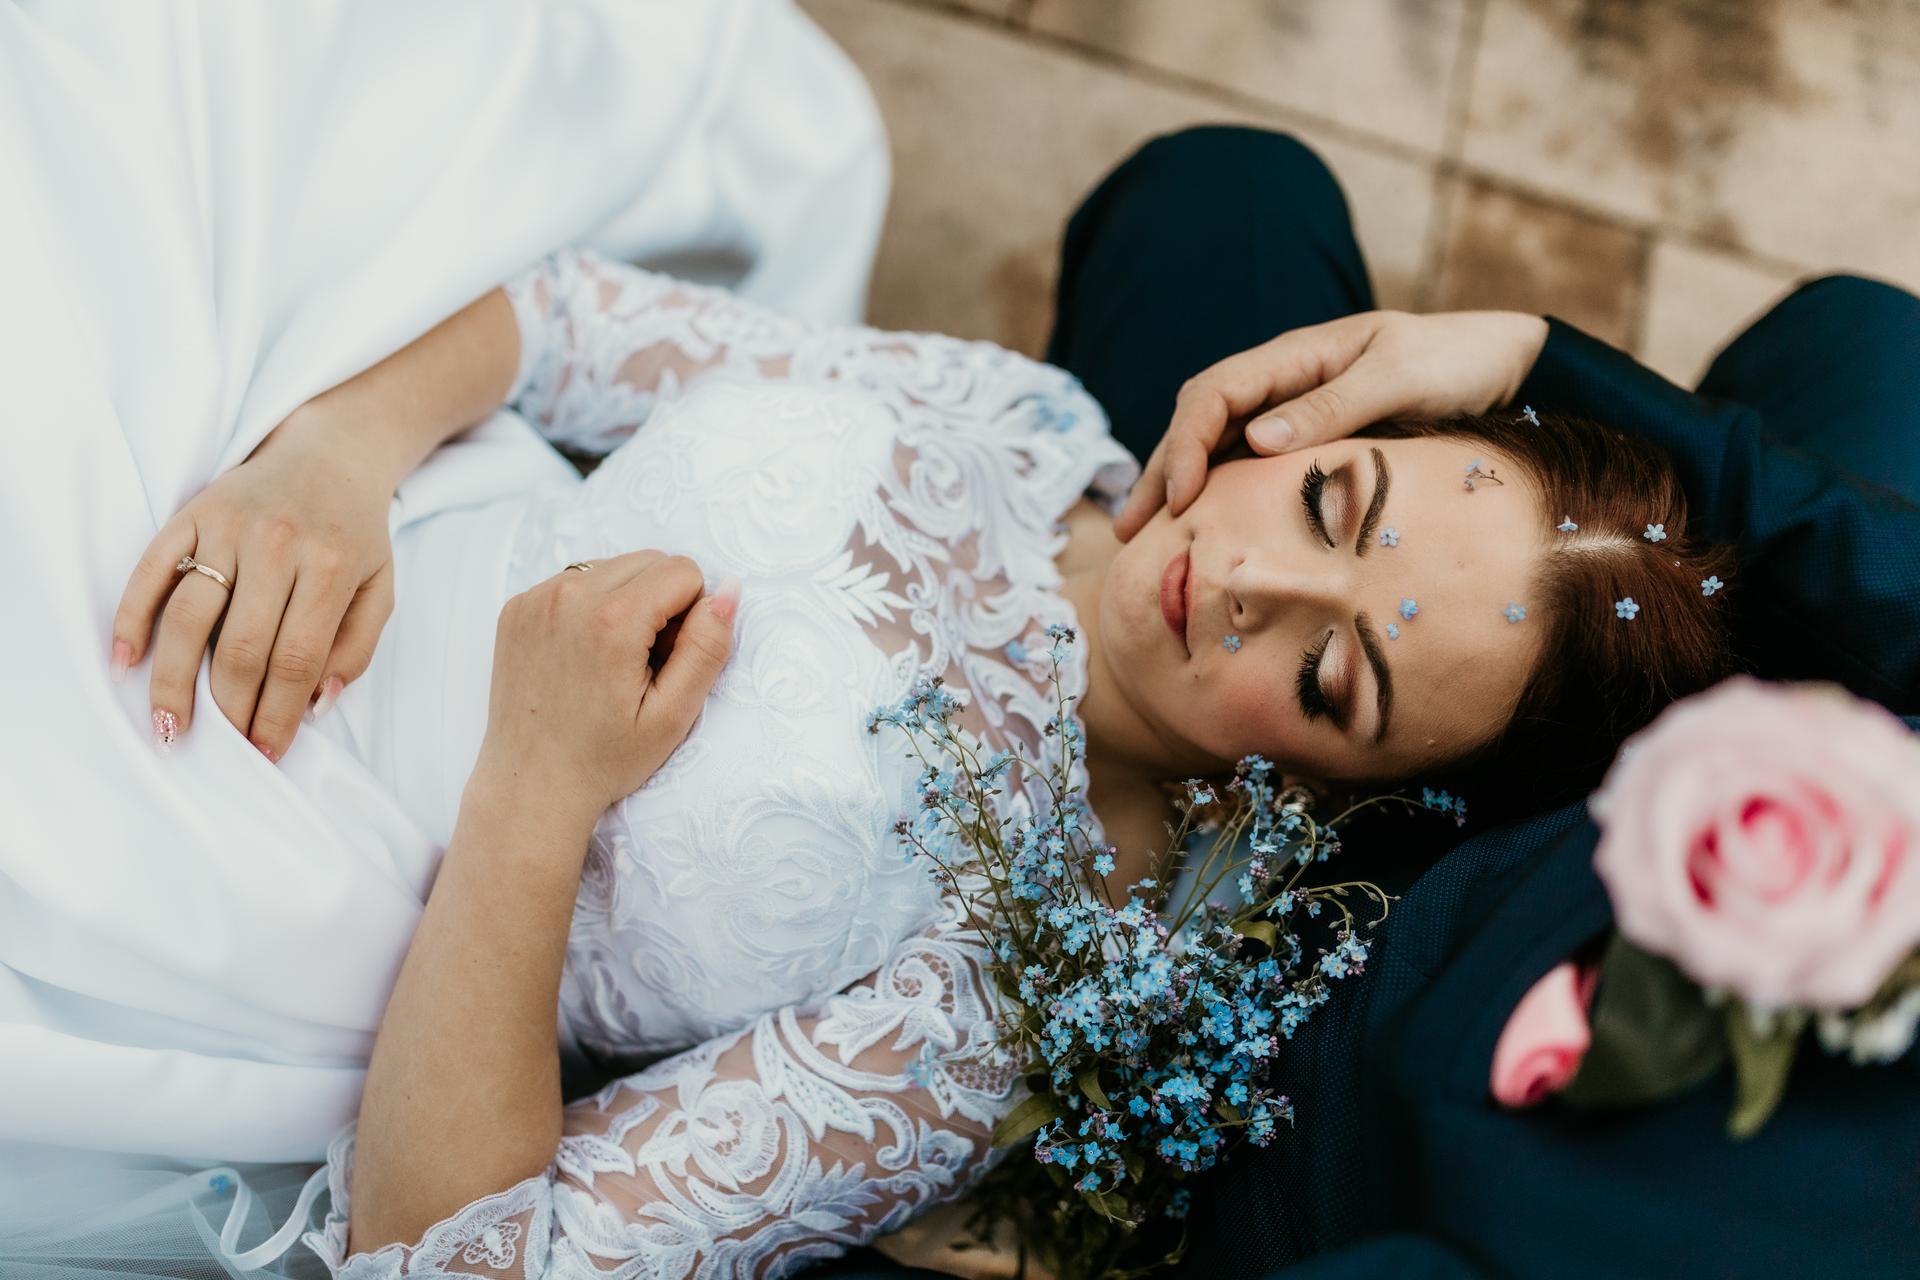 A bola svadba ! ❤️ - Obrázok č. 6